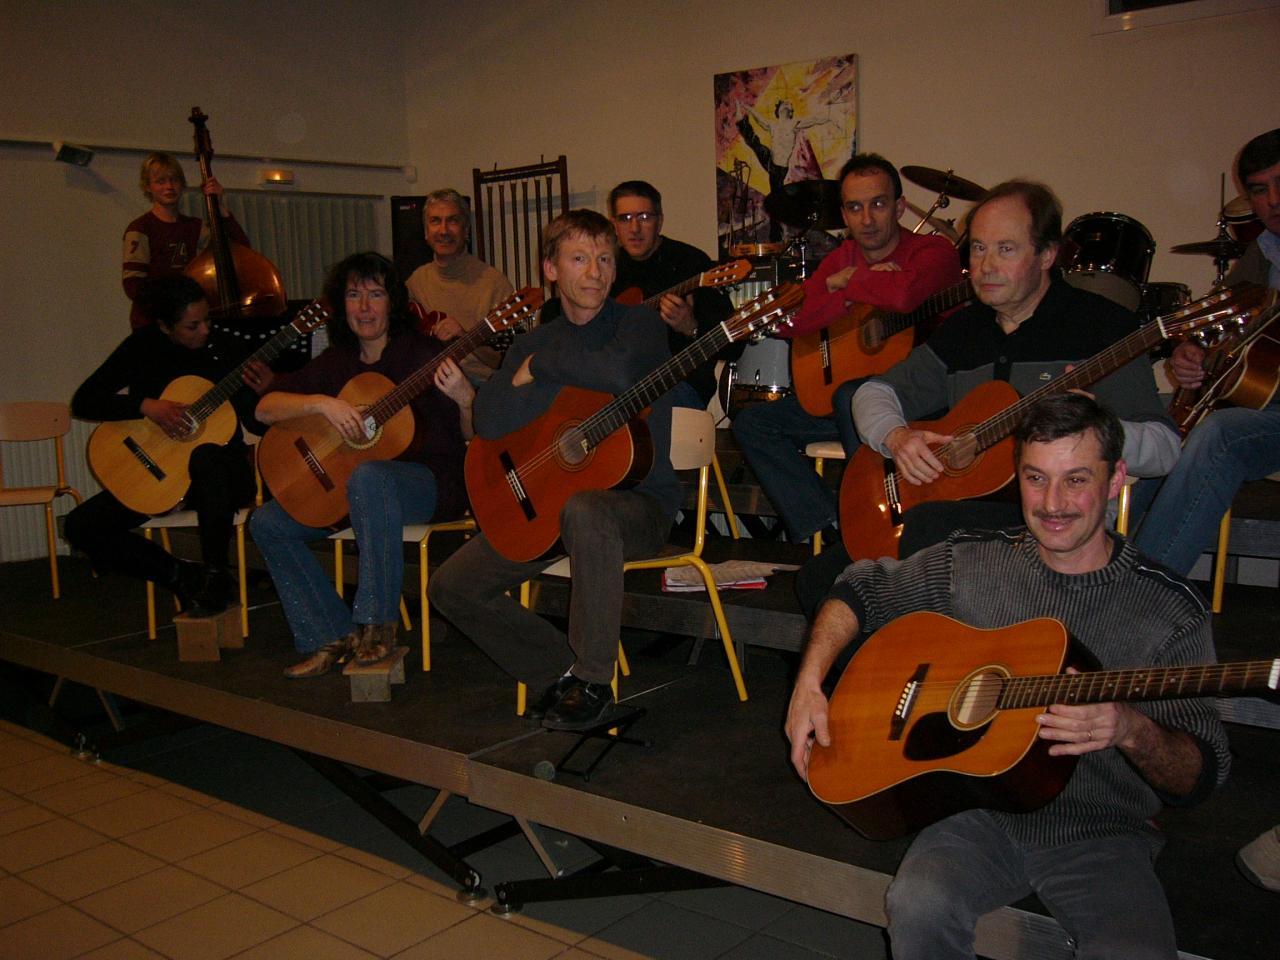 classe-de-guitare-3.jpg